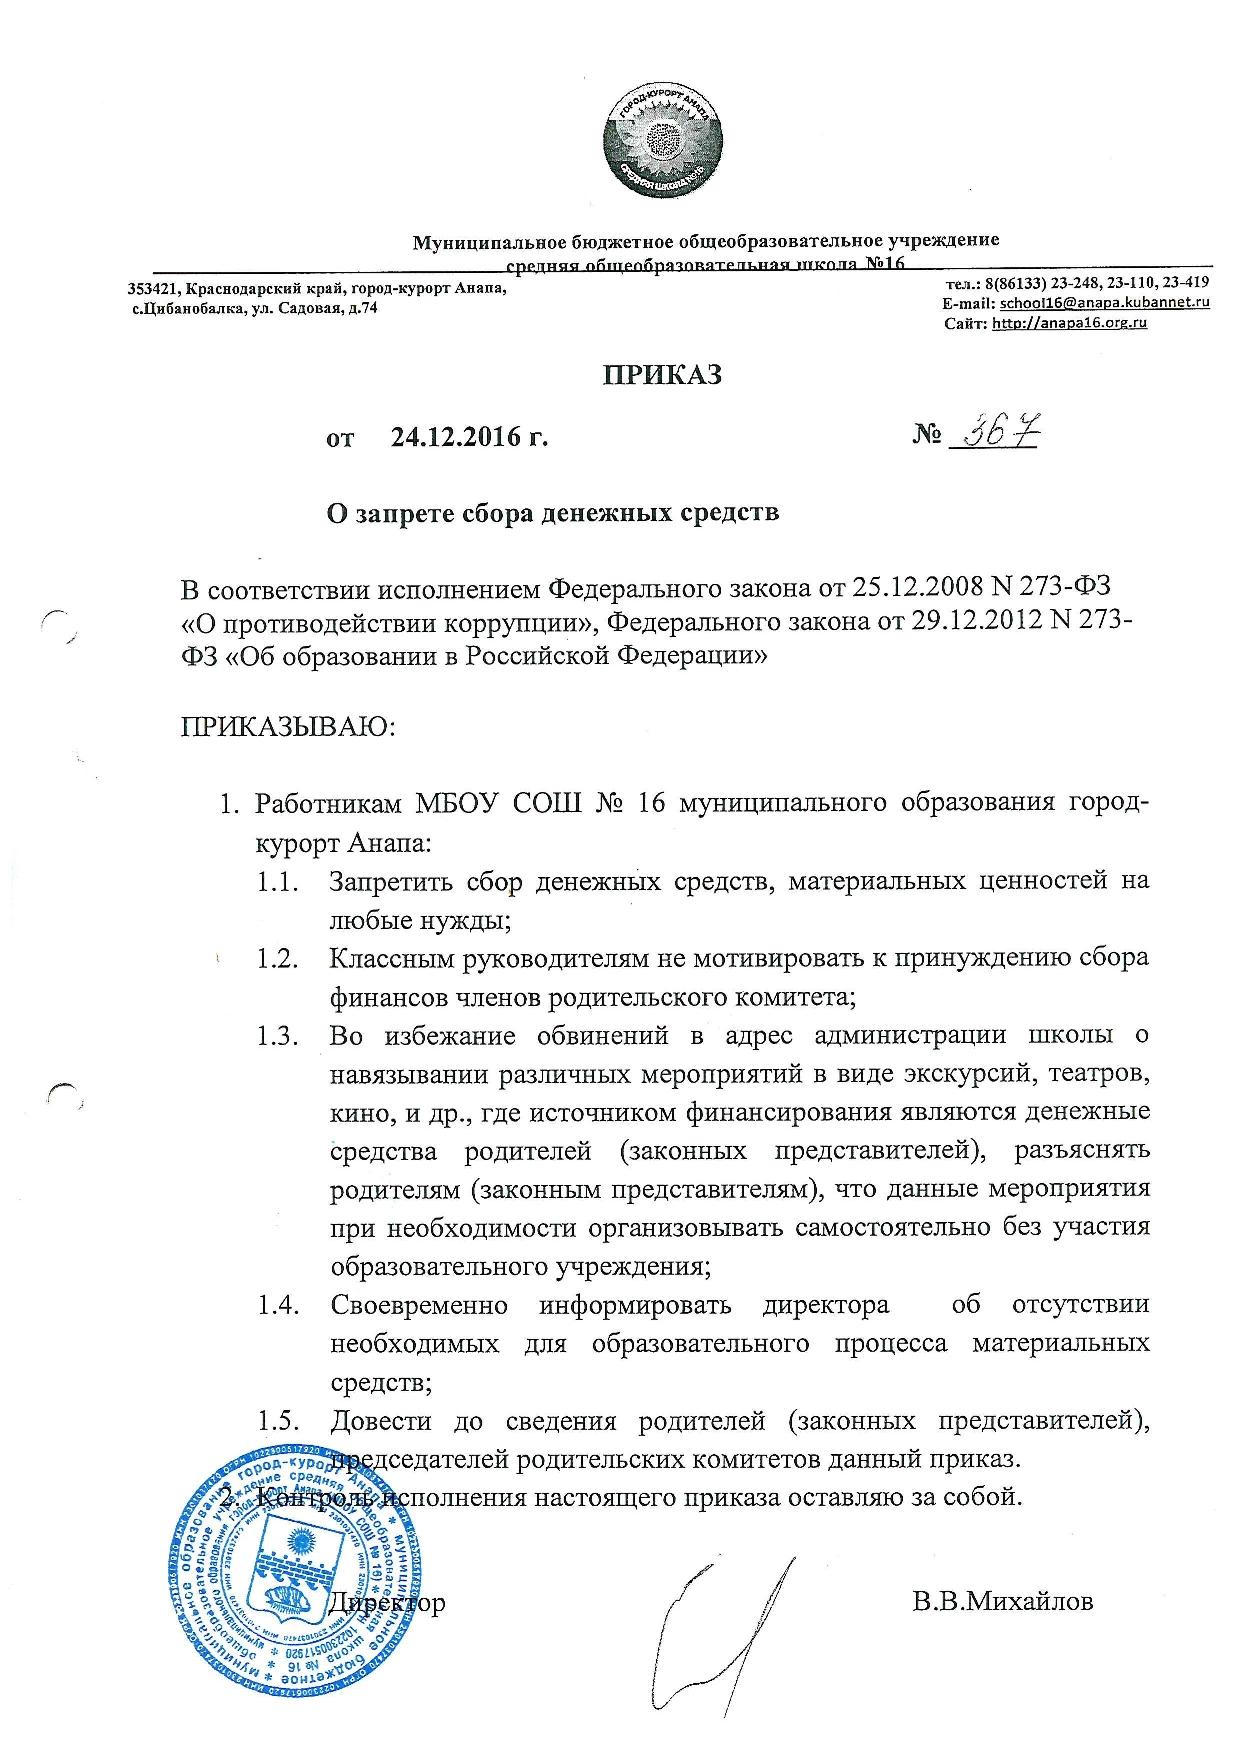 """Приказ """"О запрете сбора денежных средств"""""""